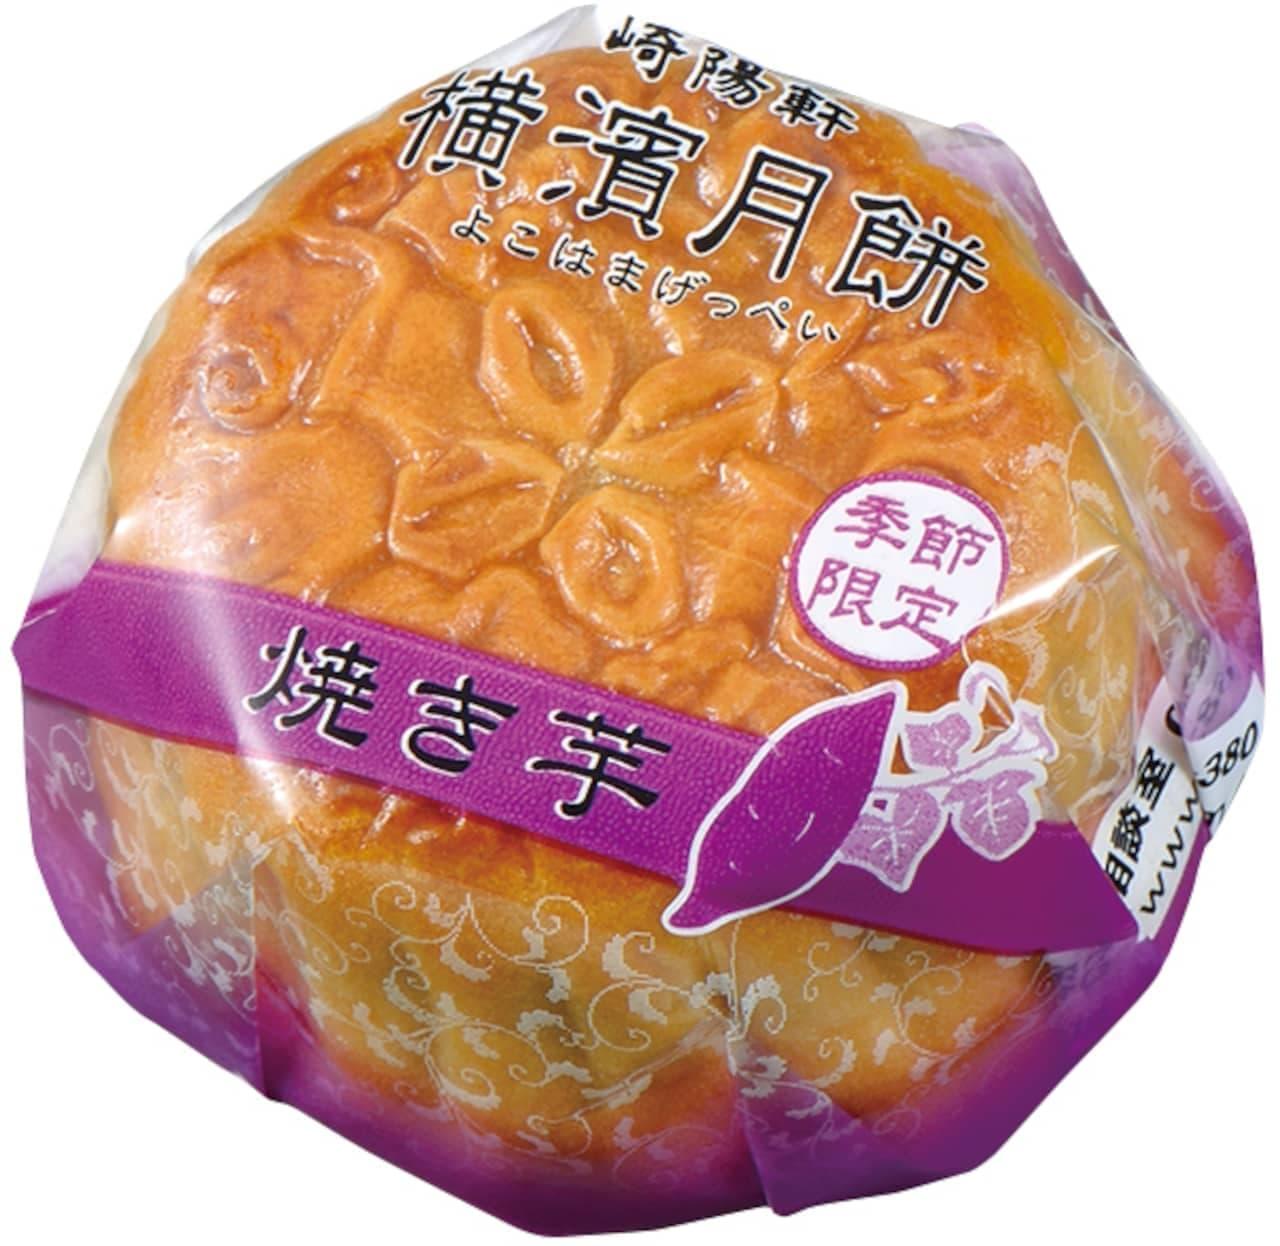 崎陽軒「横濱月餅 焼き芋」「おべんとう秋」「きのこシウマイ」